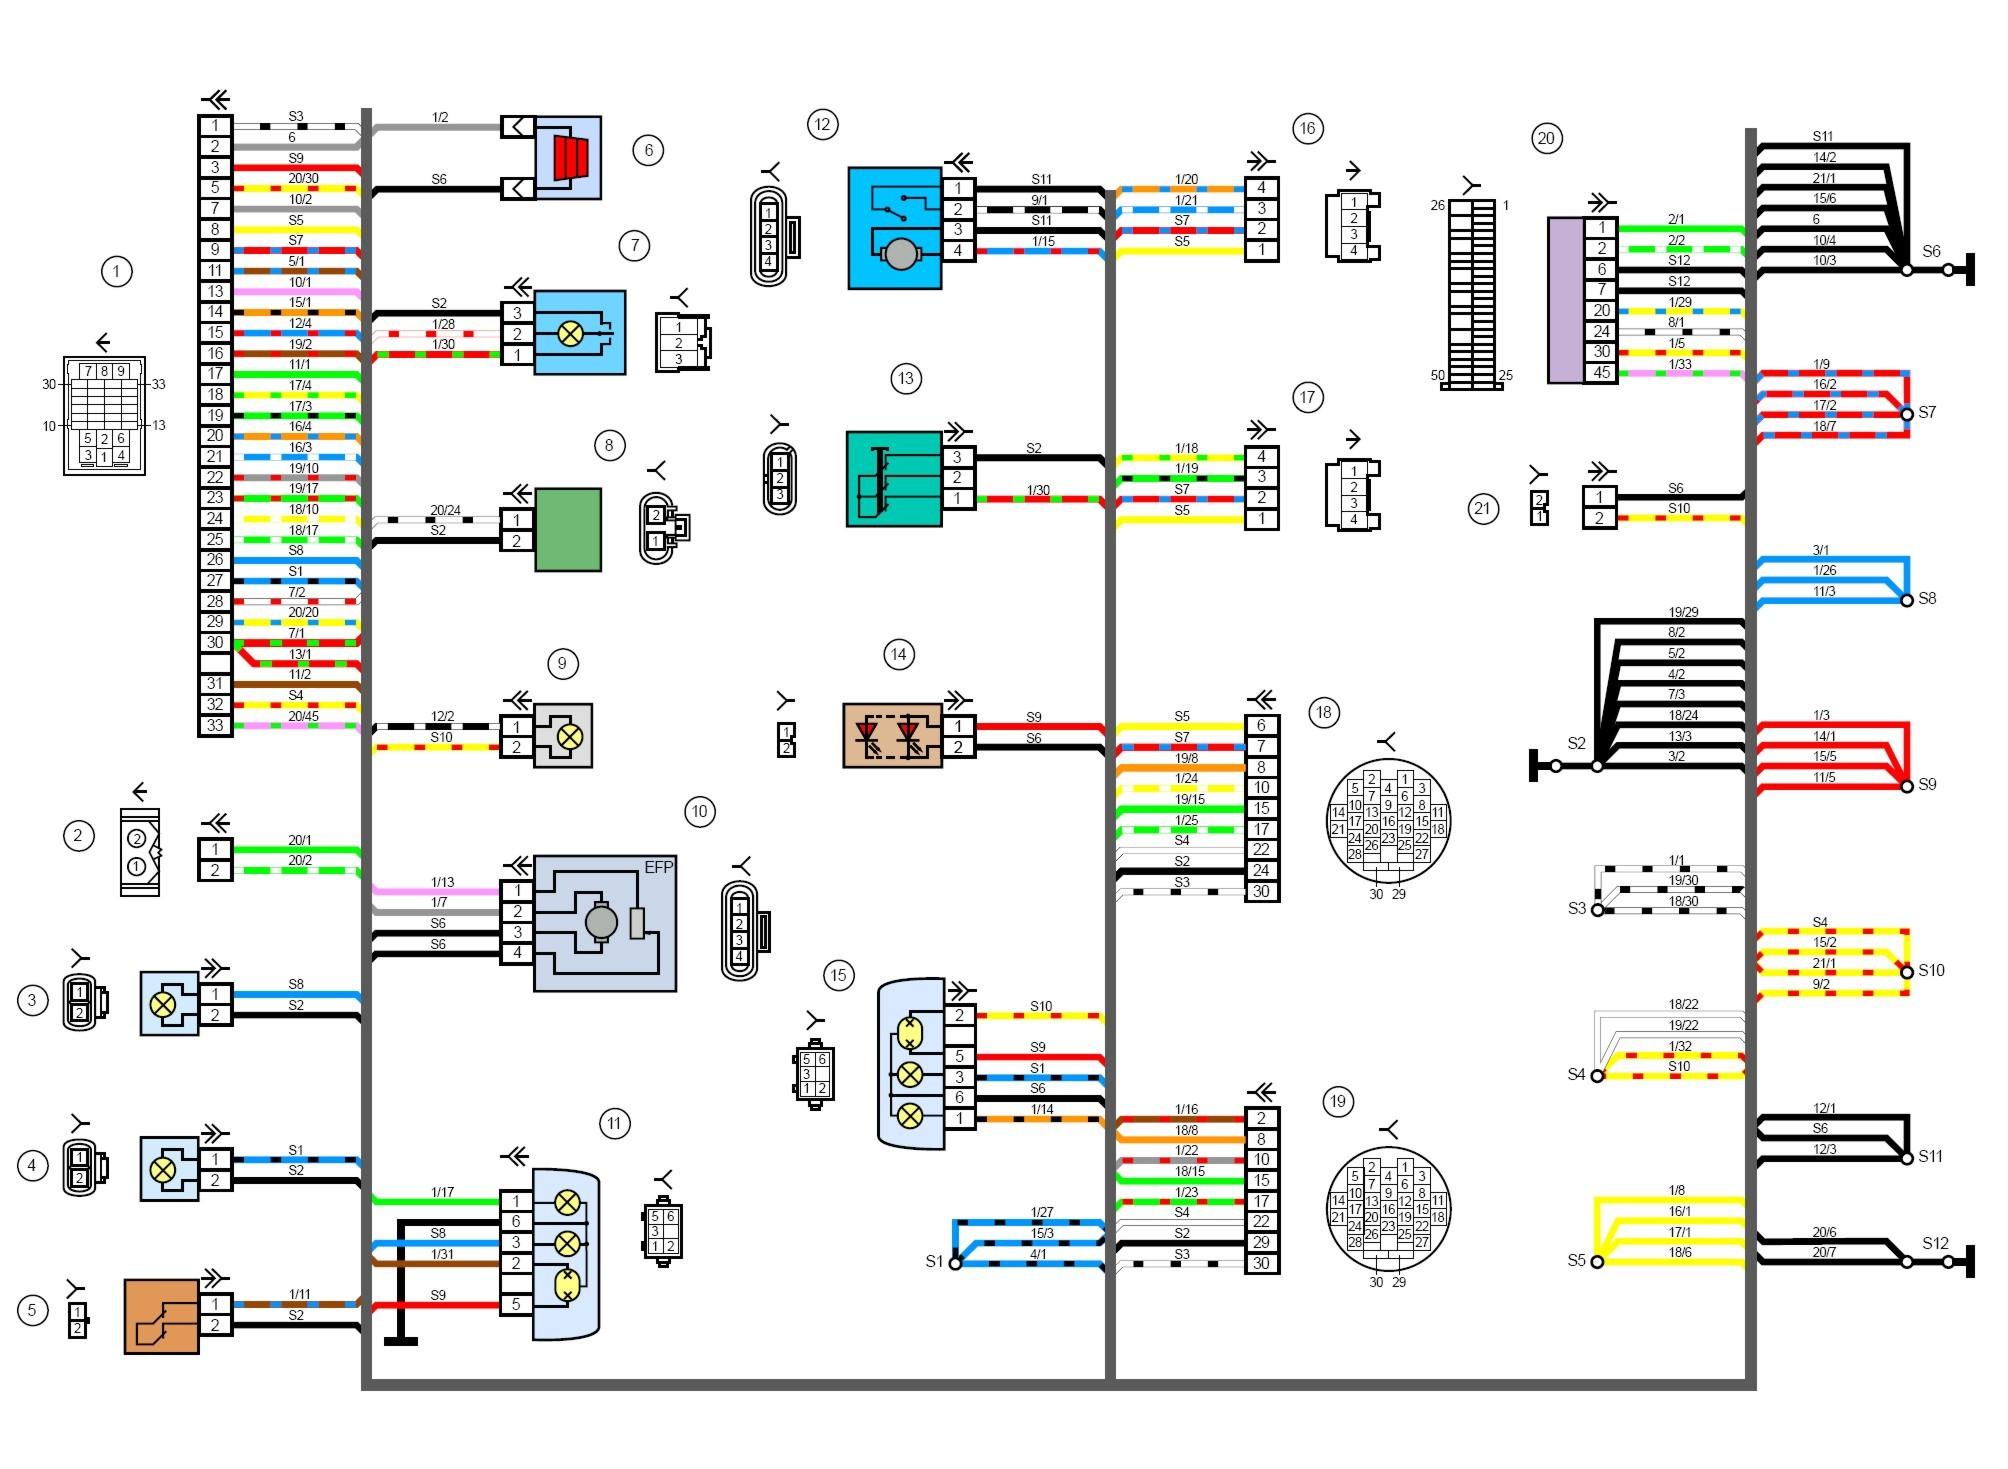 Маркировка проводов в принципиальной схеме